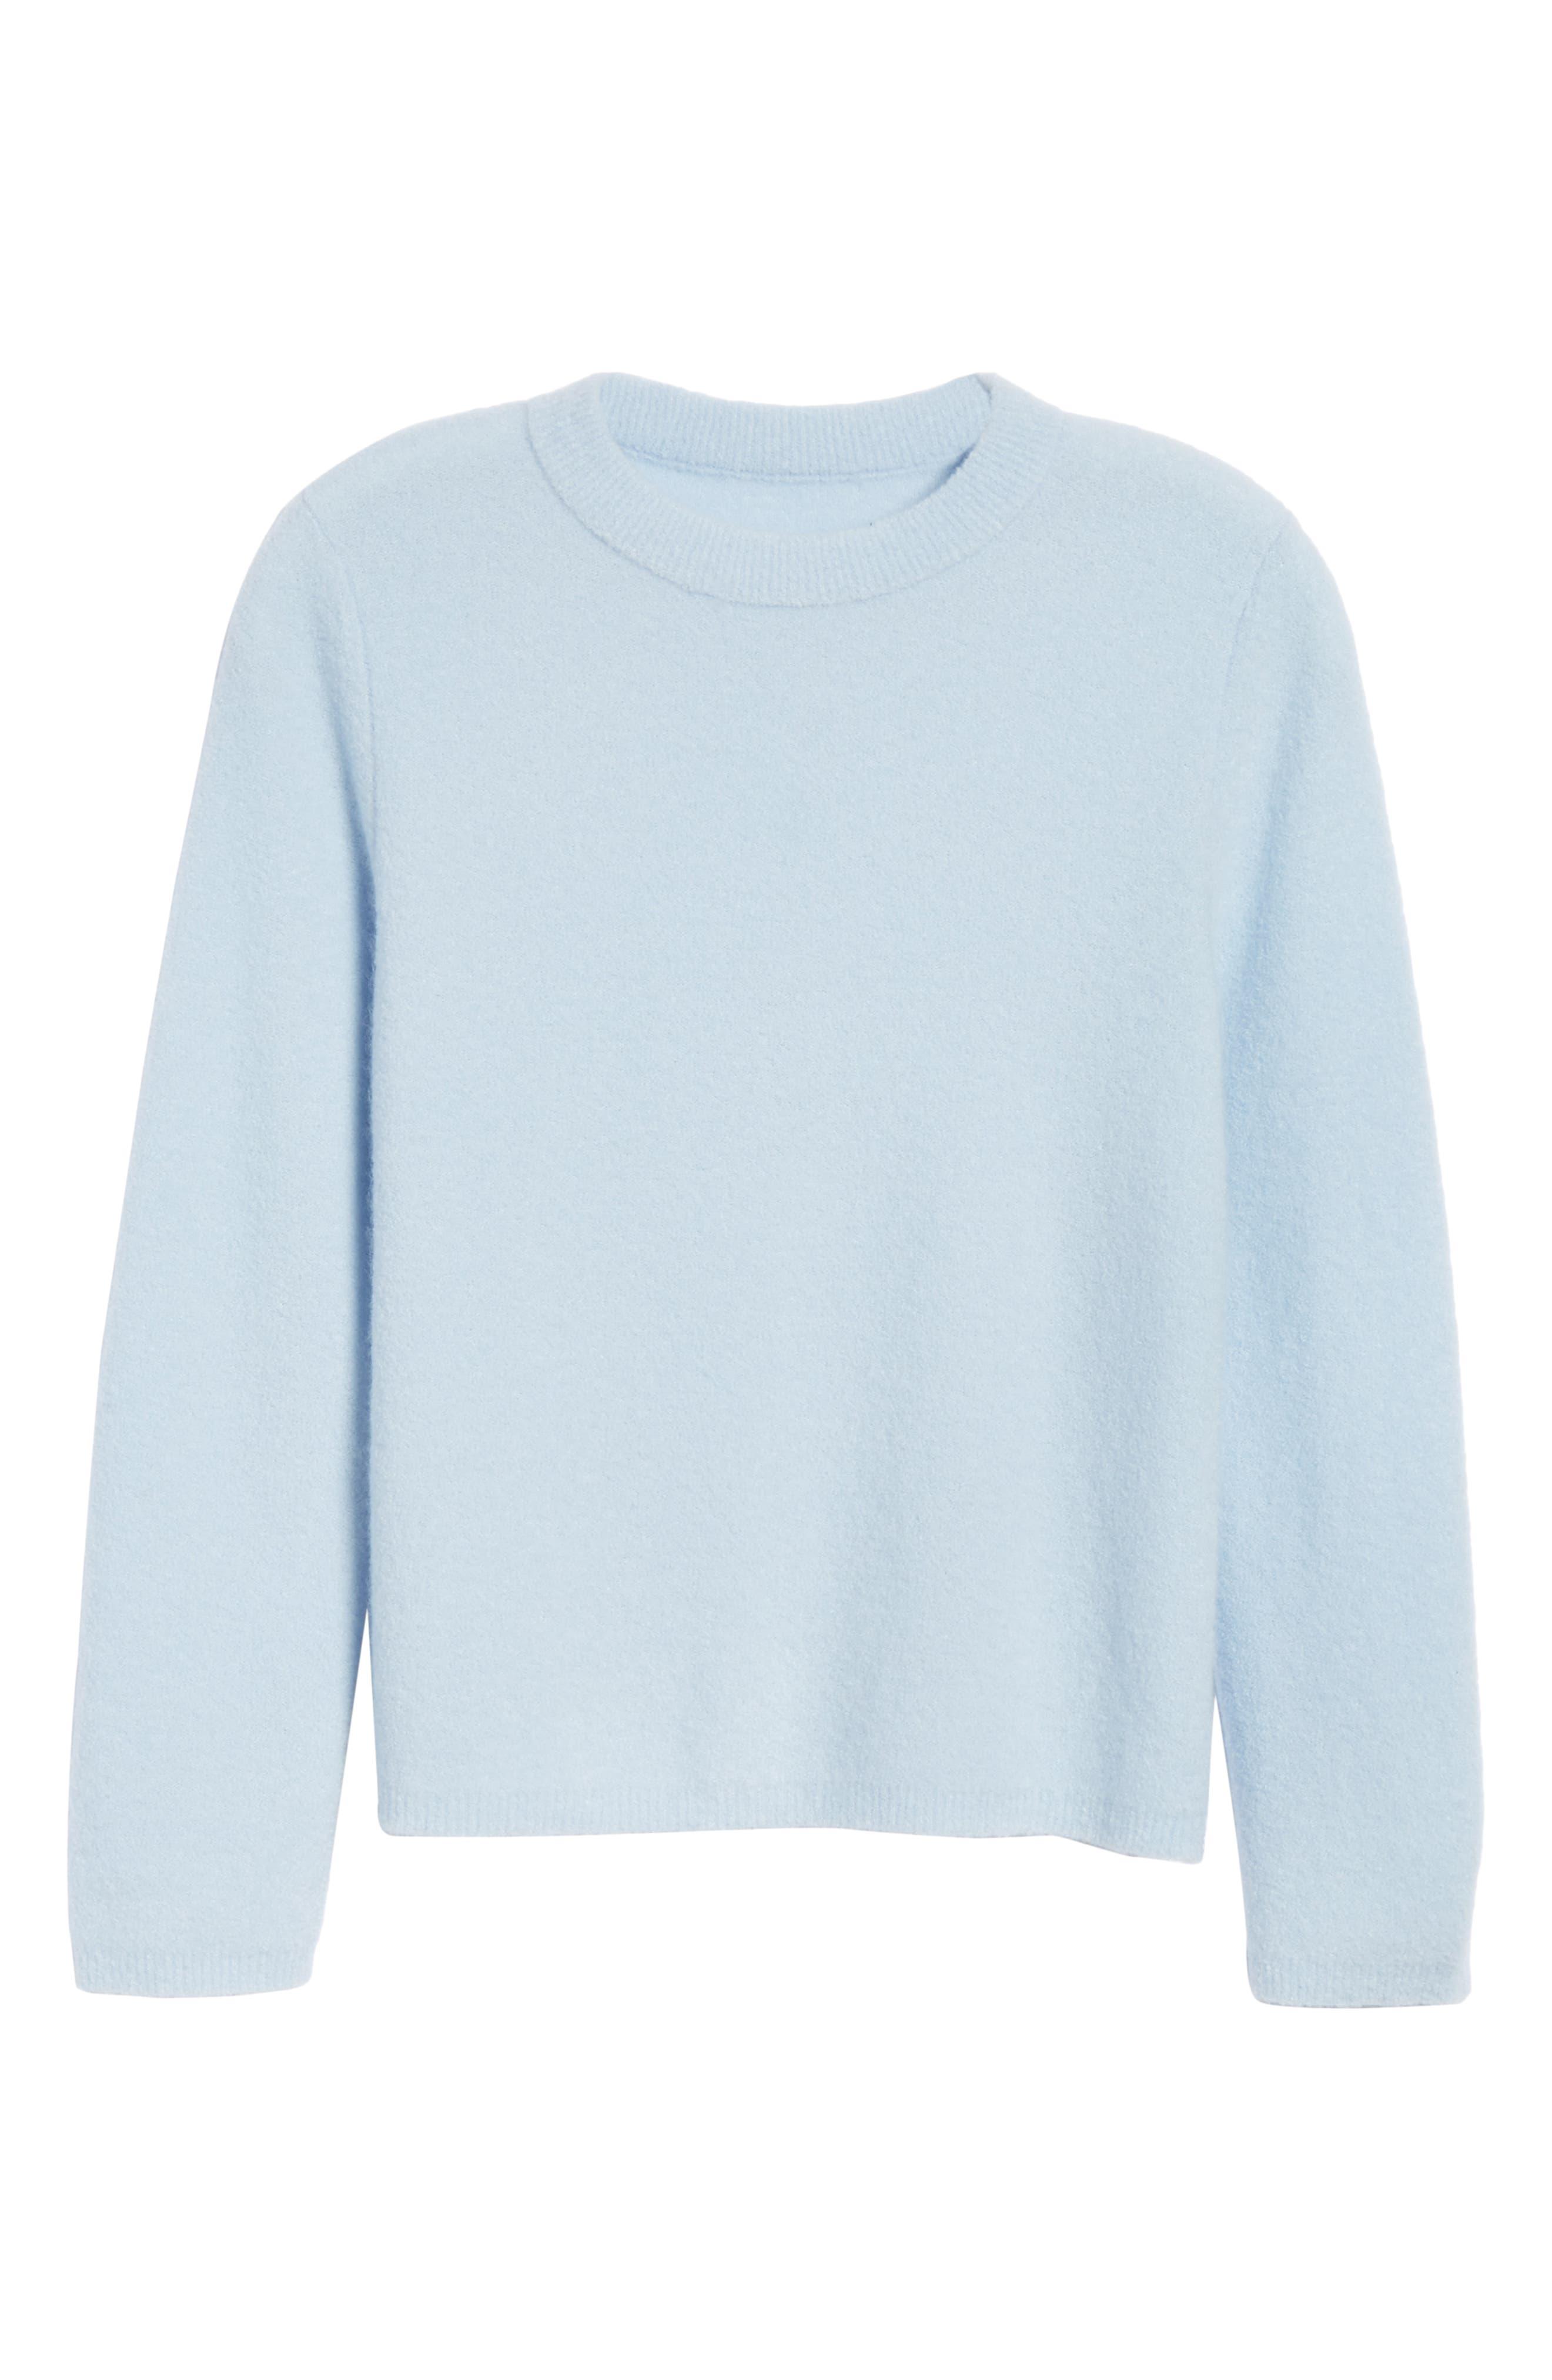 NORDSTROM SIGNATURE, Cashmere Blend Bouclé Sweater, Alternate thumbnail 6, color, BLUE CASHMERE